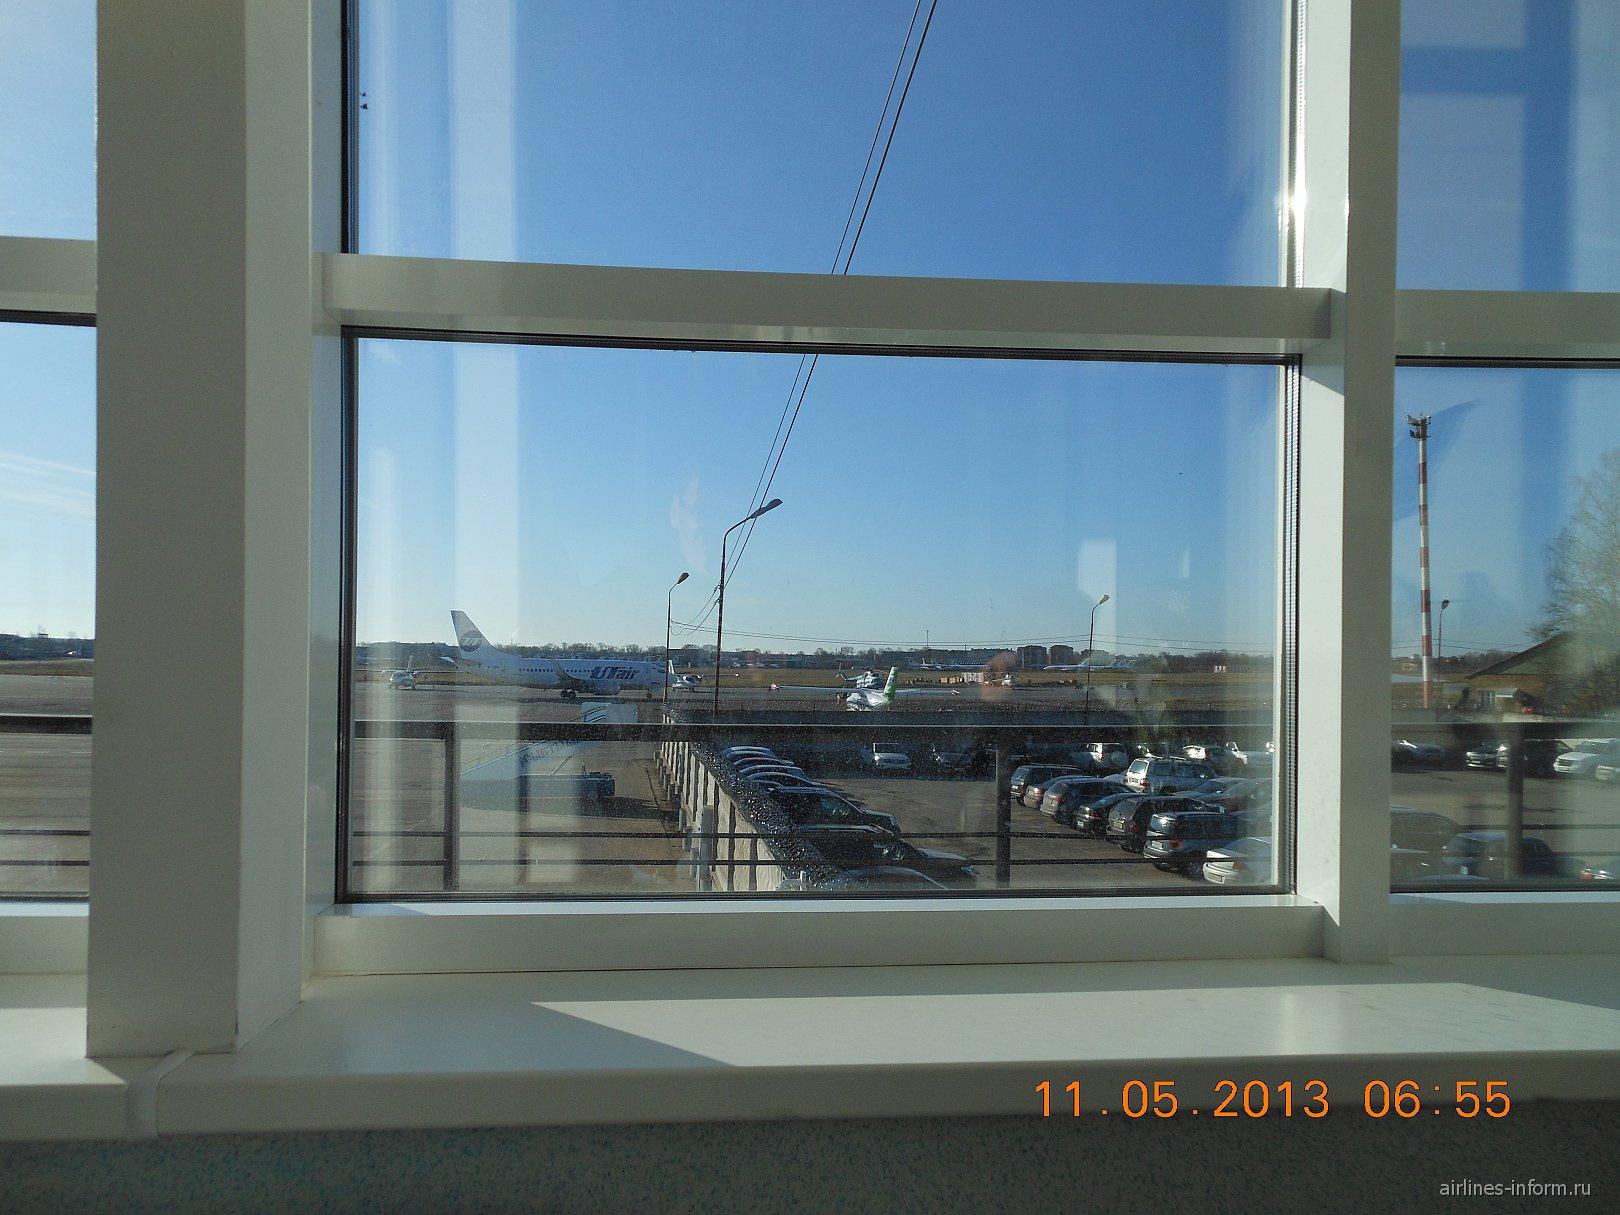 Вид из стерильной зоны. ЮТы поехали в Москву (ВНК)